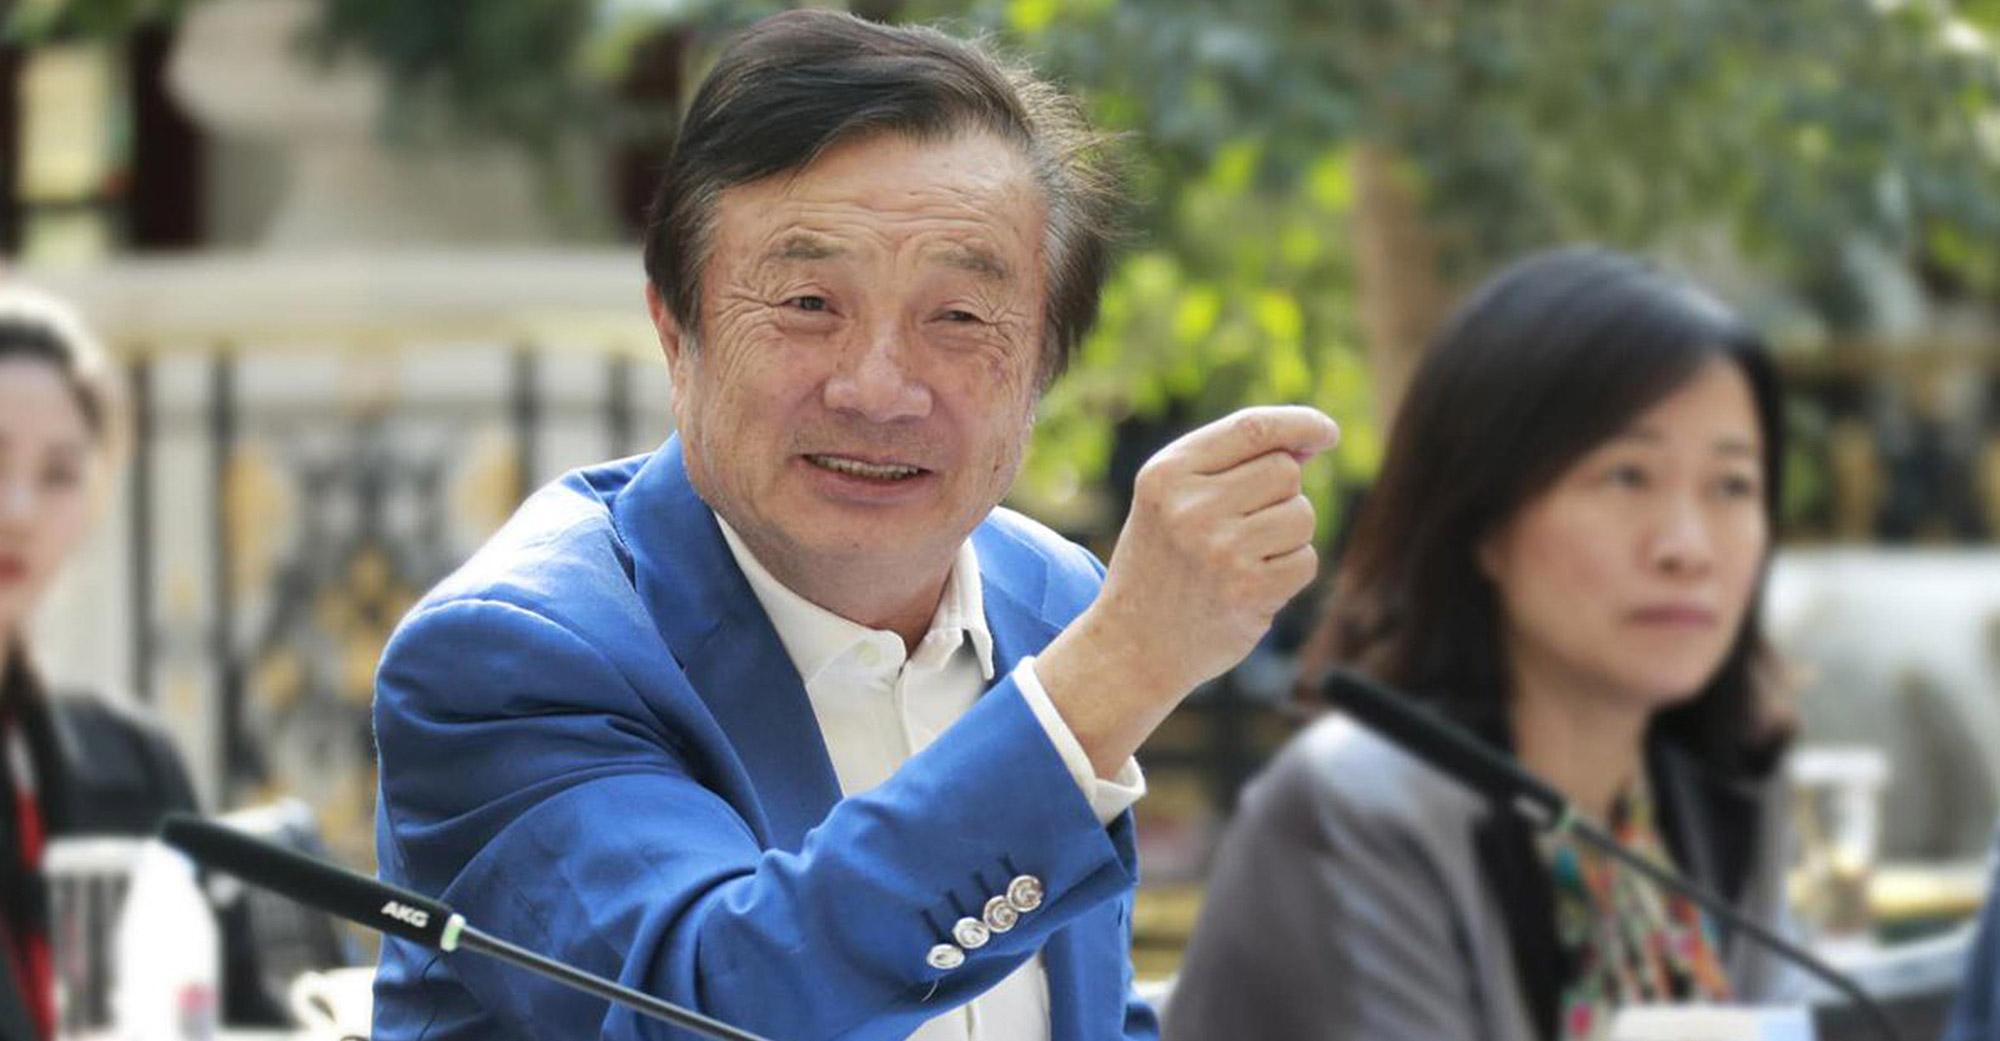 Ren Zhengfei CEO of Huawei